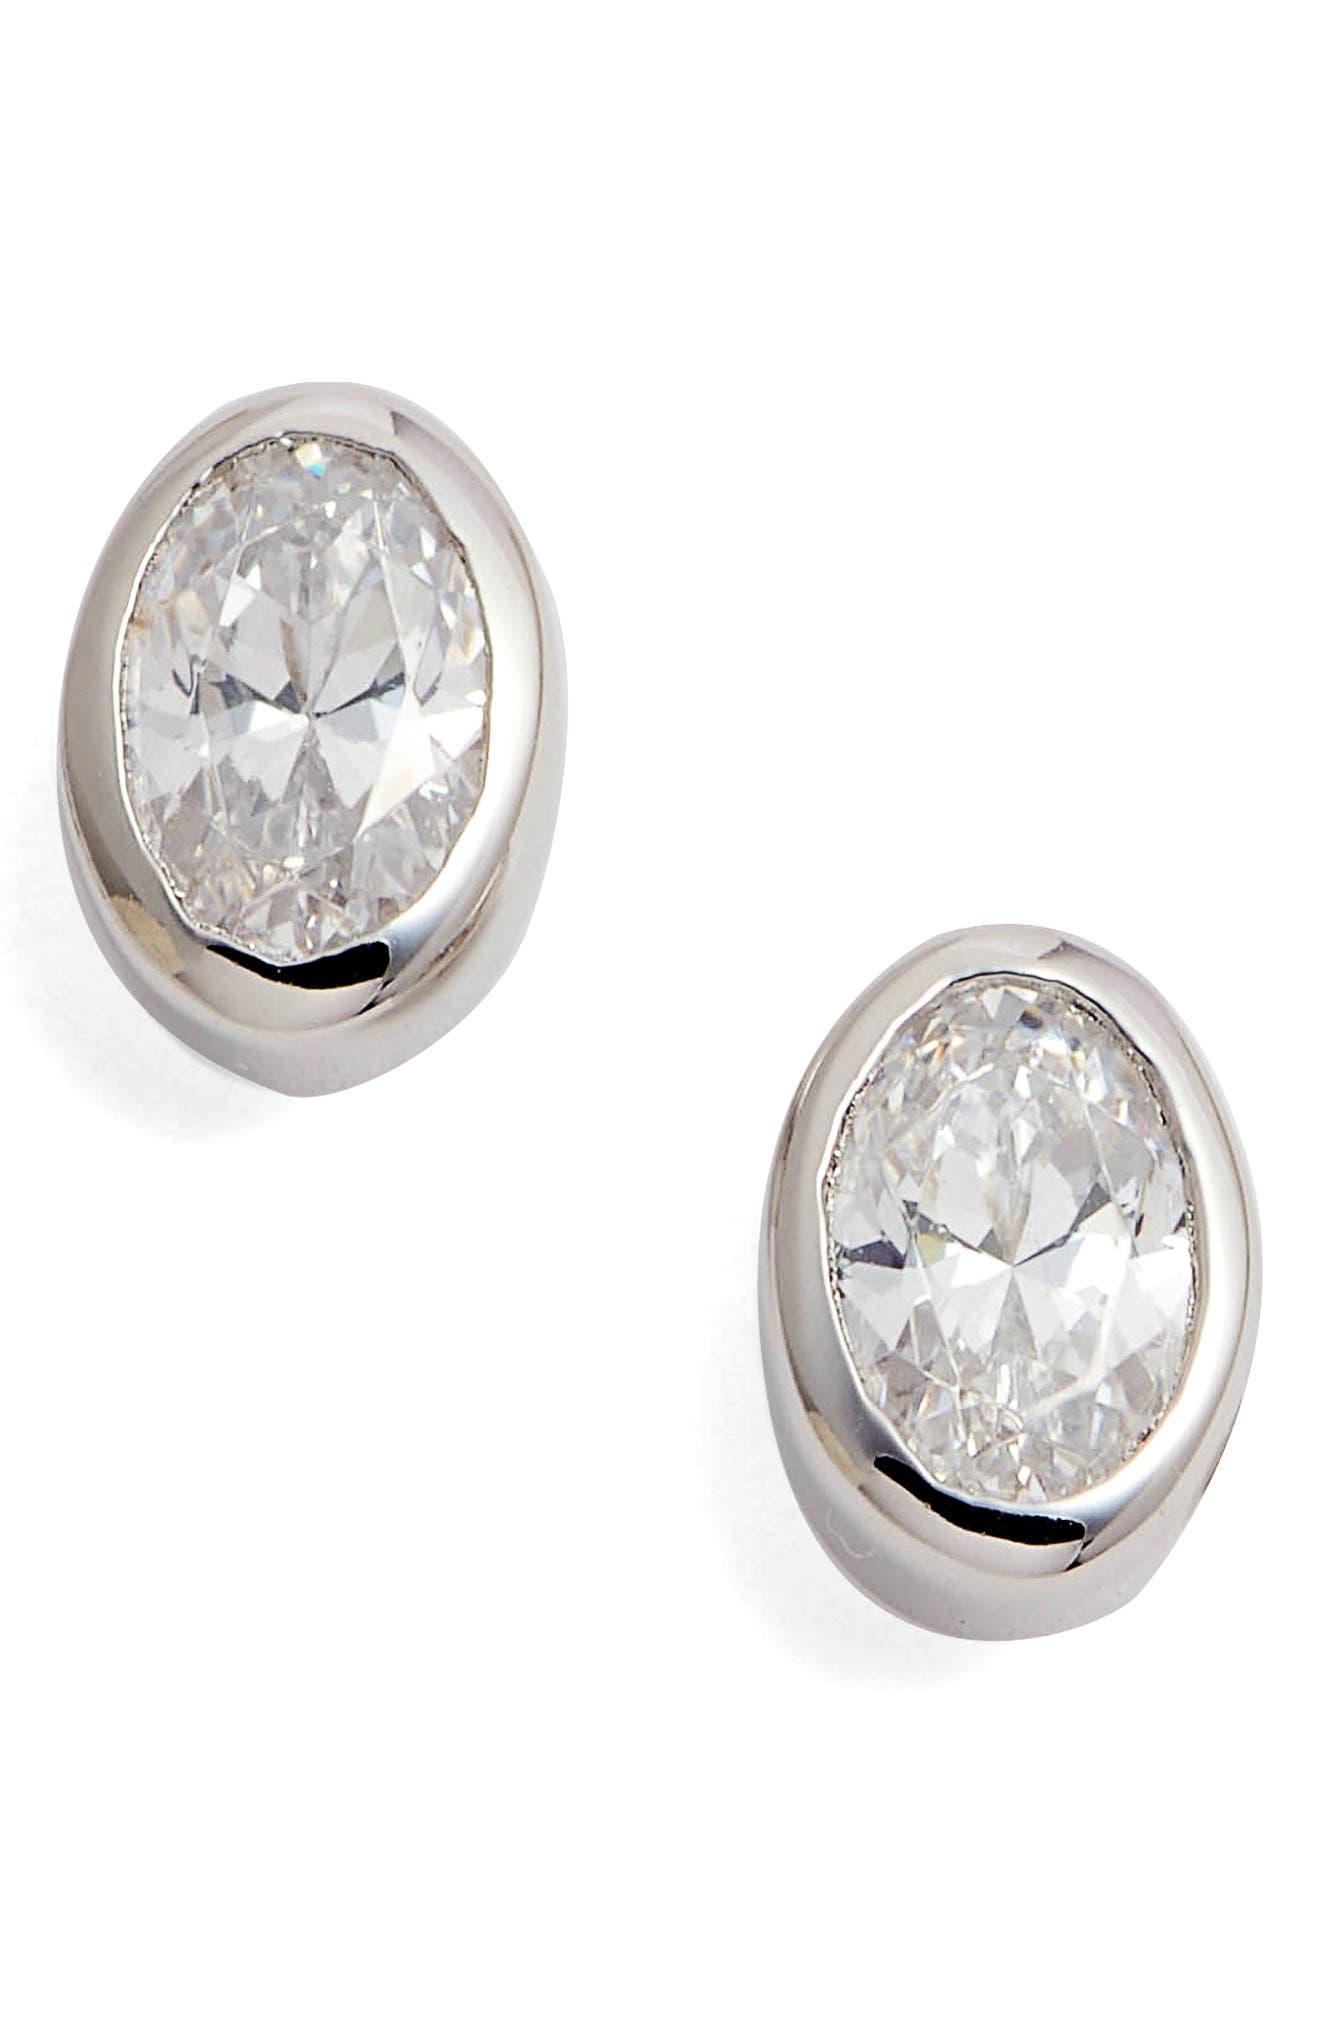 Bezel Set Oval Stud Earrings,                         Main,                         color, SILVER/ CLEAR